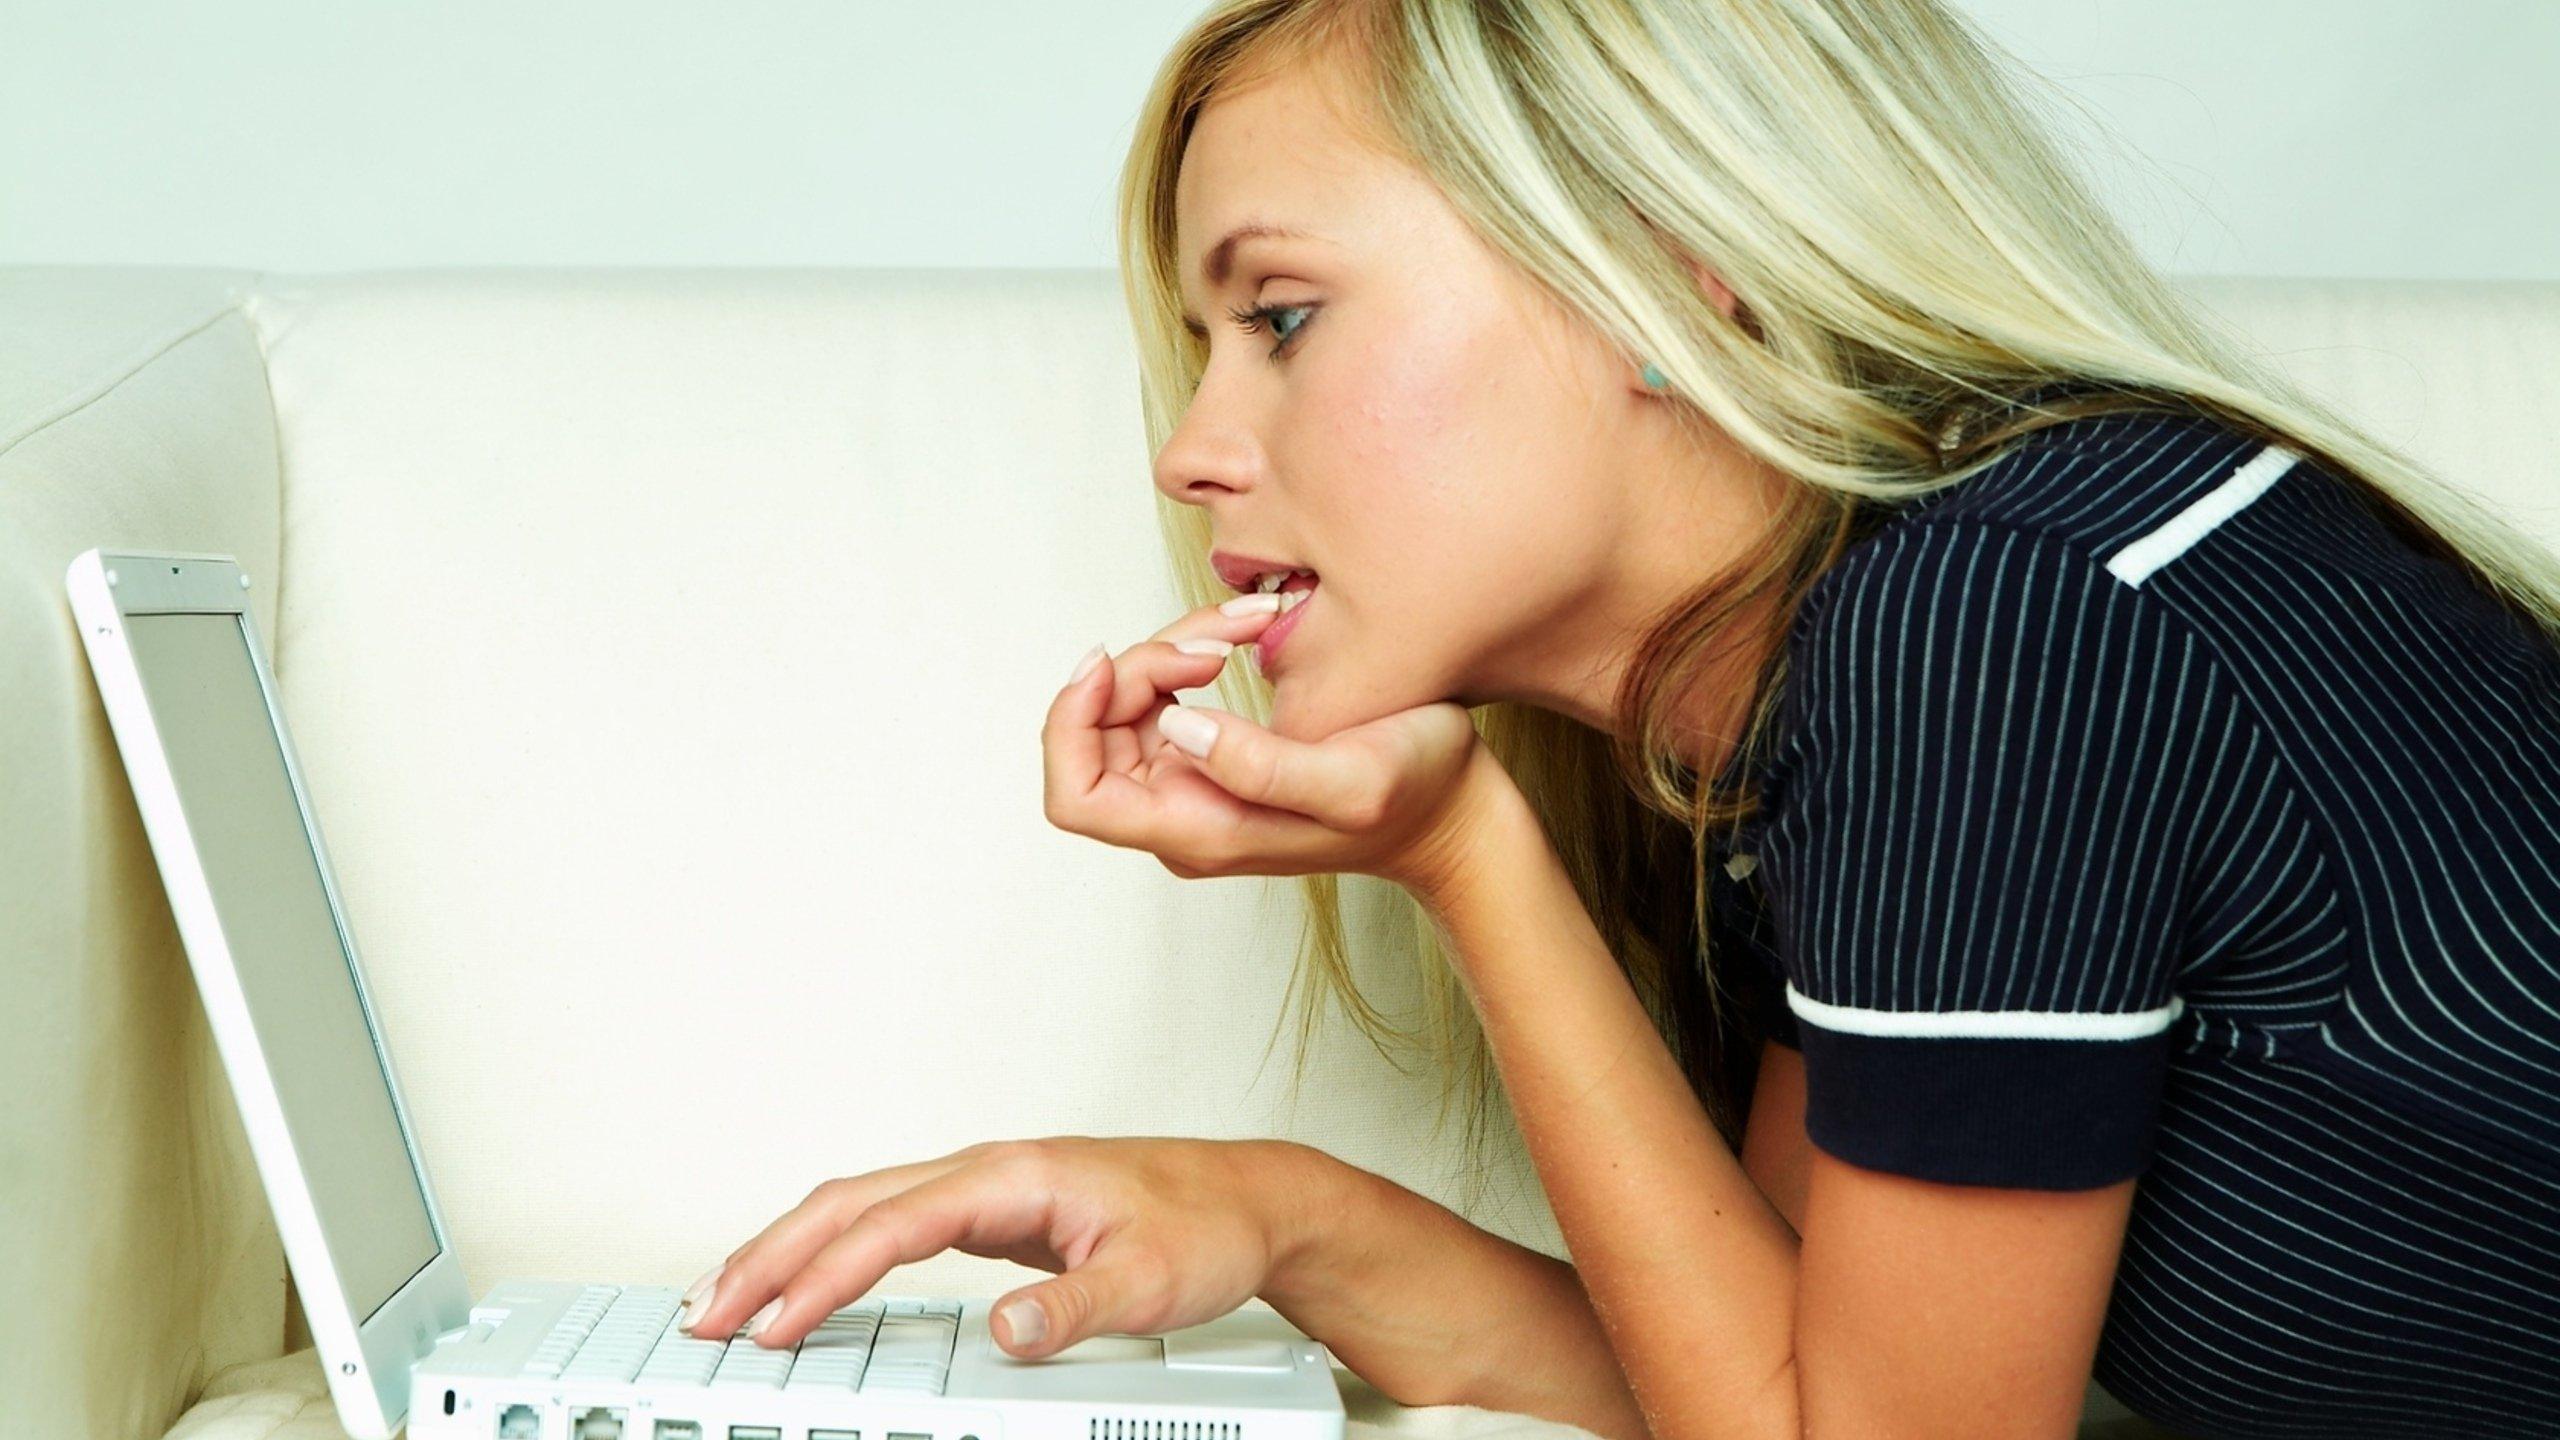 Смотреть порно на заблокированных сайтах 15 фотография